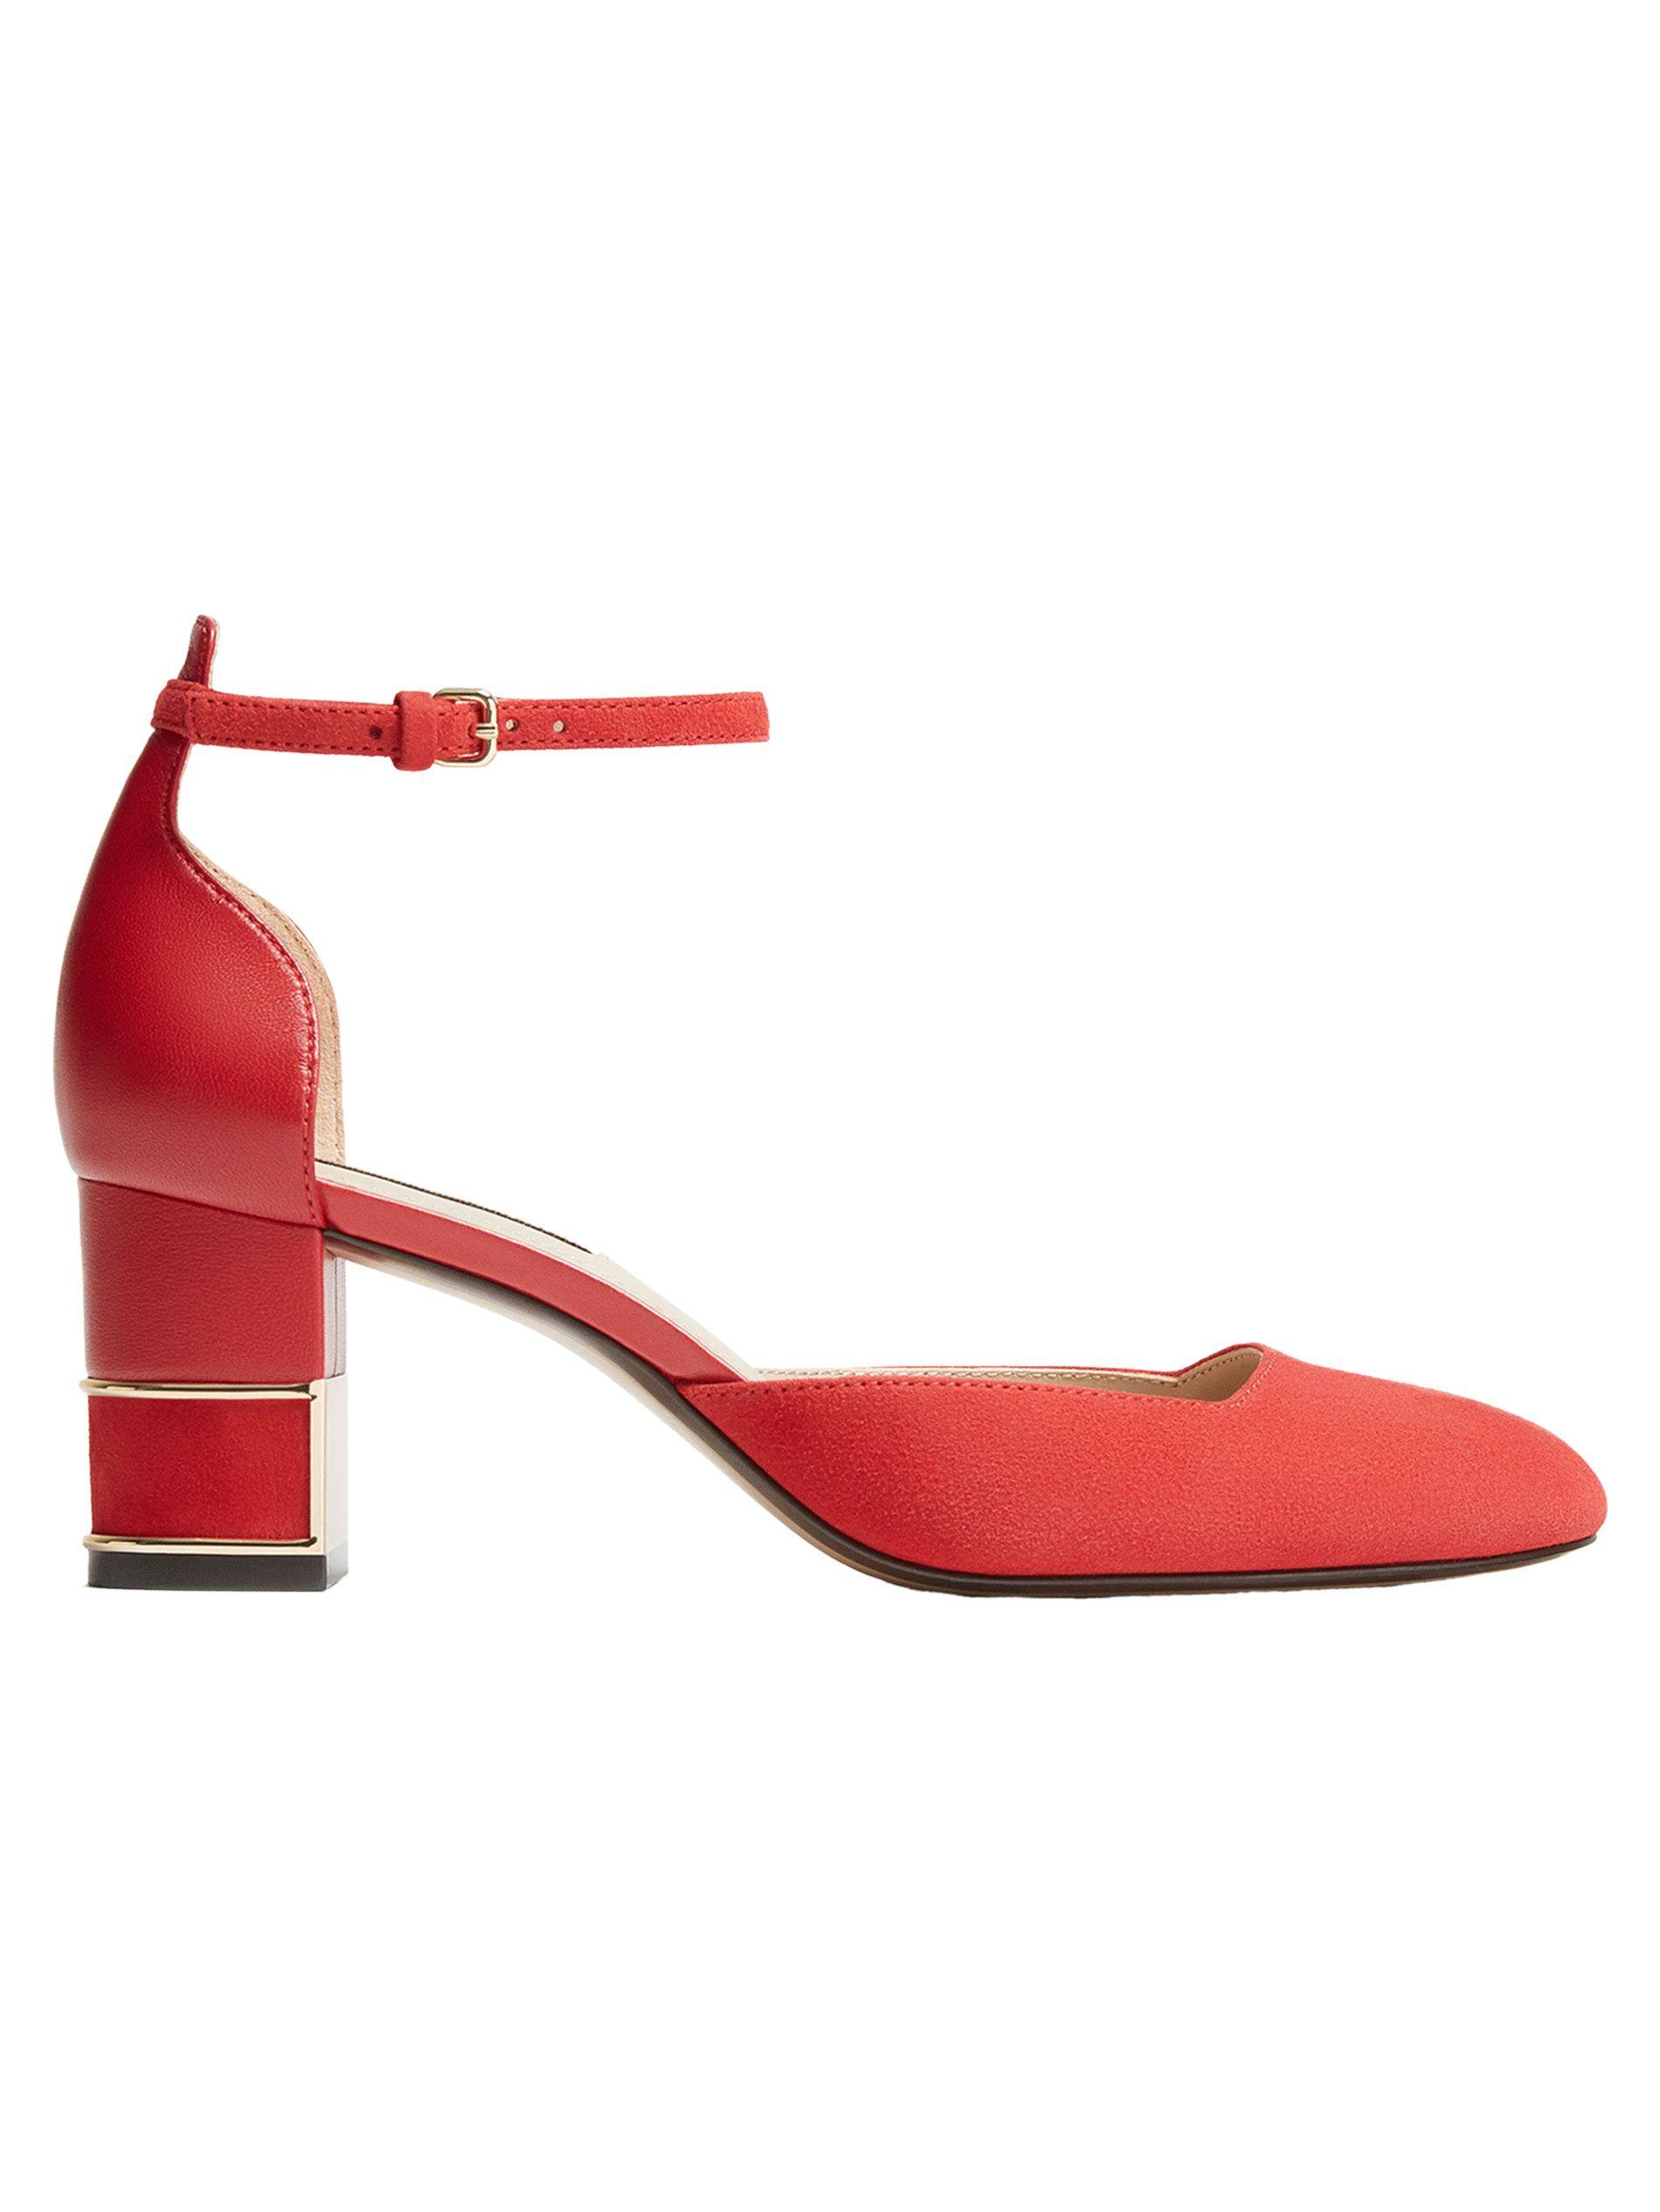 aaaad32533d Zapato salón combinado en piel ante y napa color rojo. Detalle de cierre  con pulsera al tobillo. Tacón con detalle metálico en dorado.